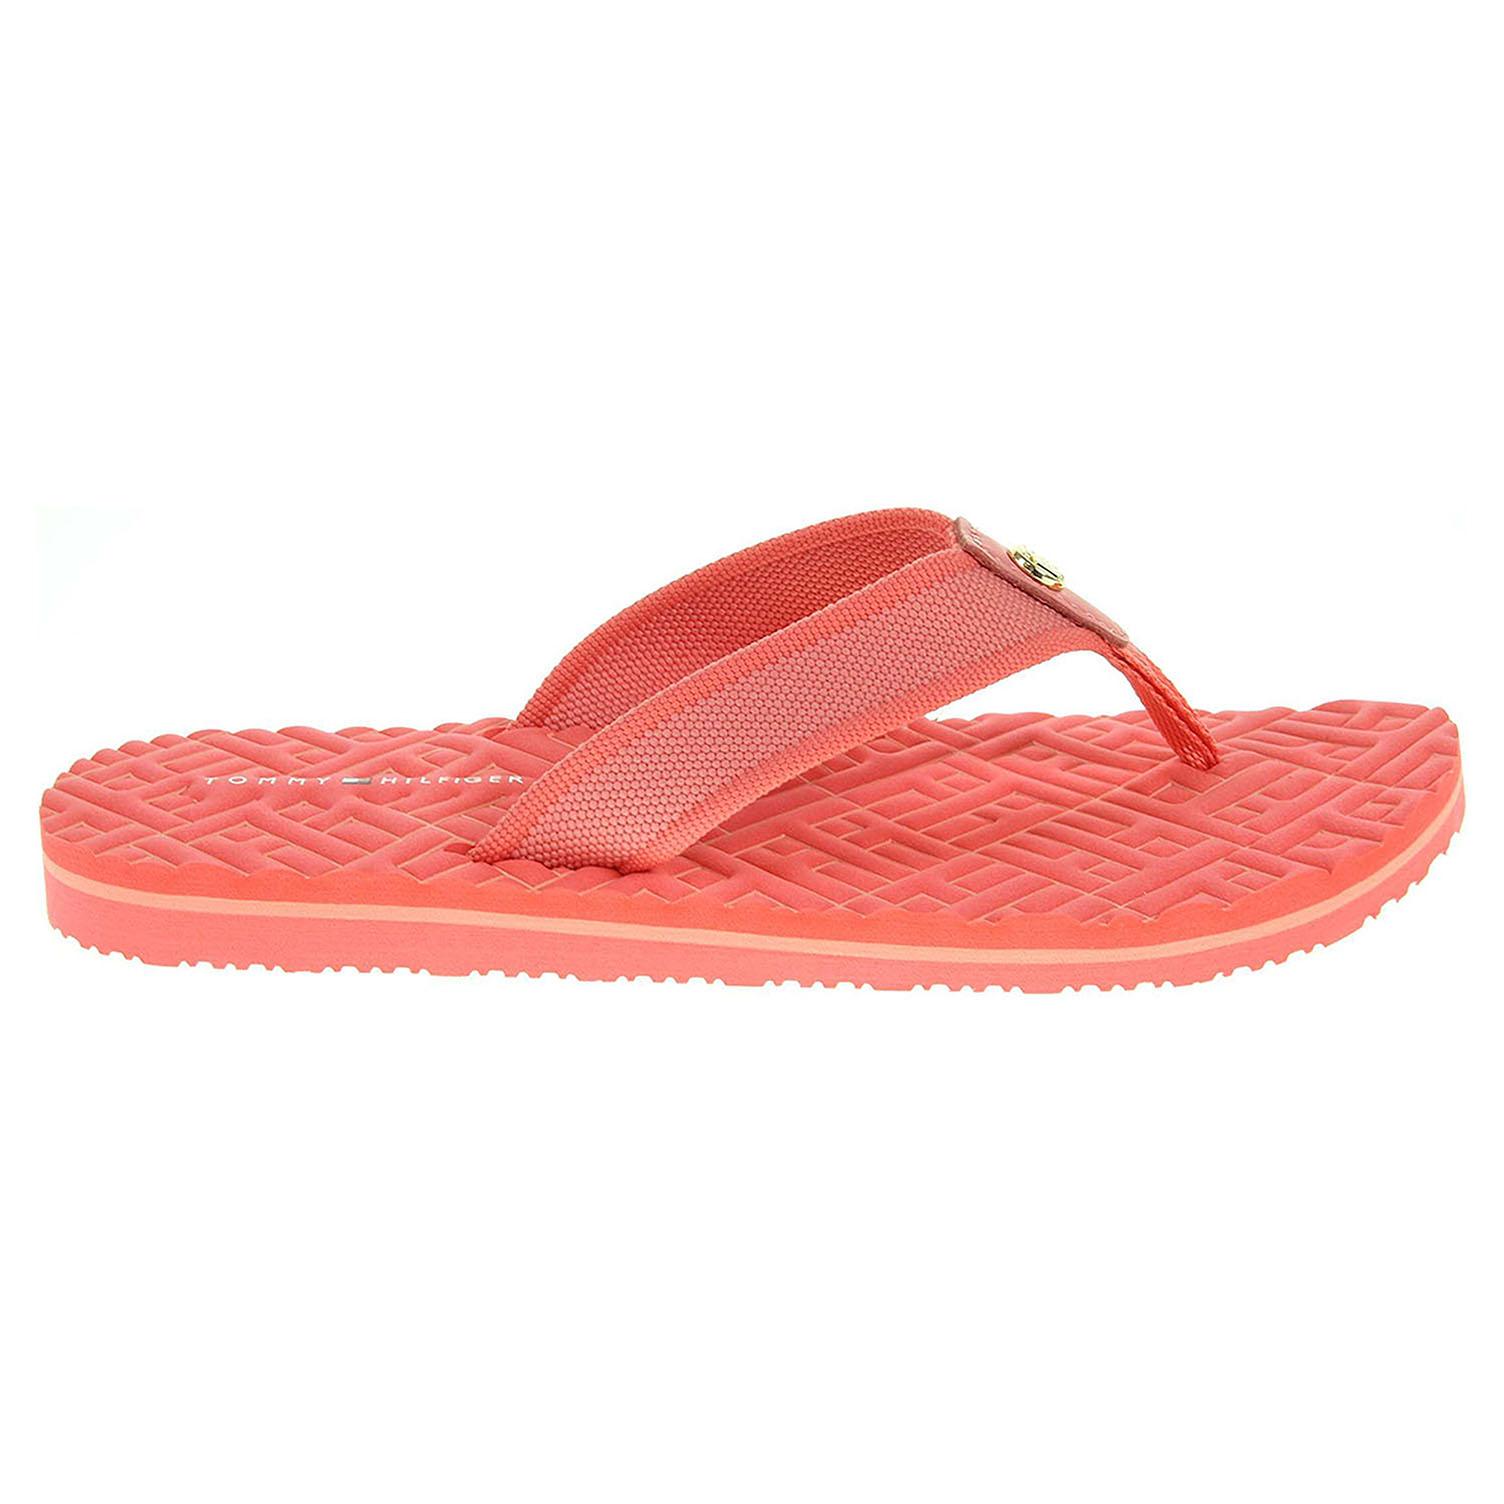 Tommy Hilfiger dámské pantofle FW0FW00933 oranžové 41